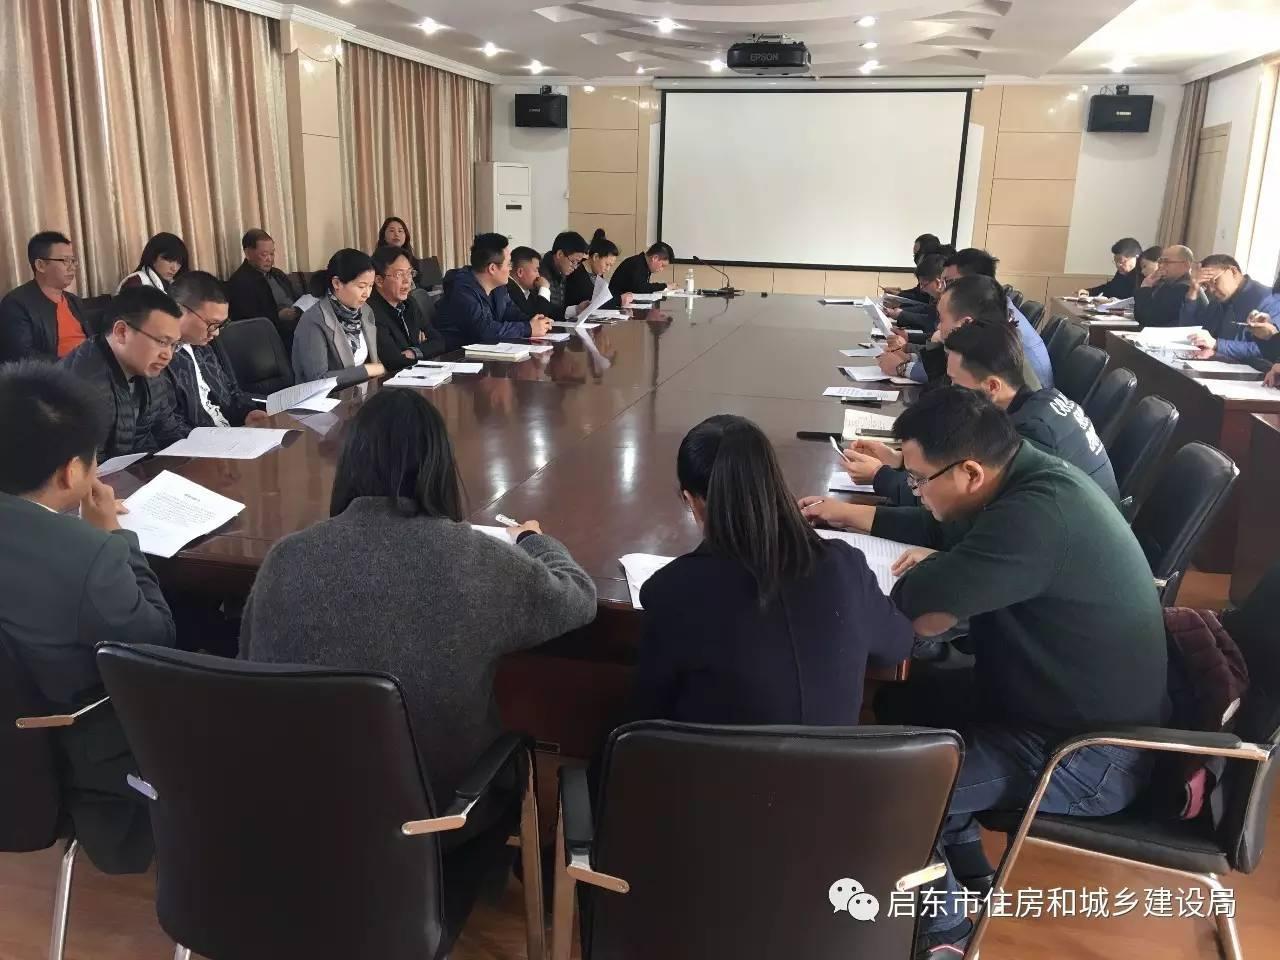 市住建局召开进一步推动我市西甲中国官网市场平稳健康发展新政实施会议